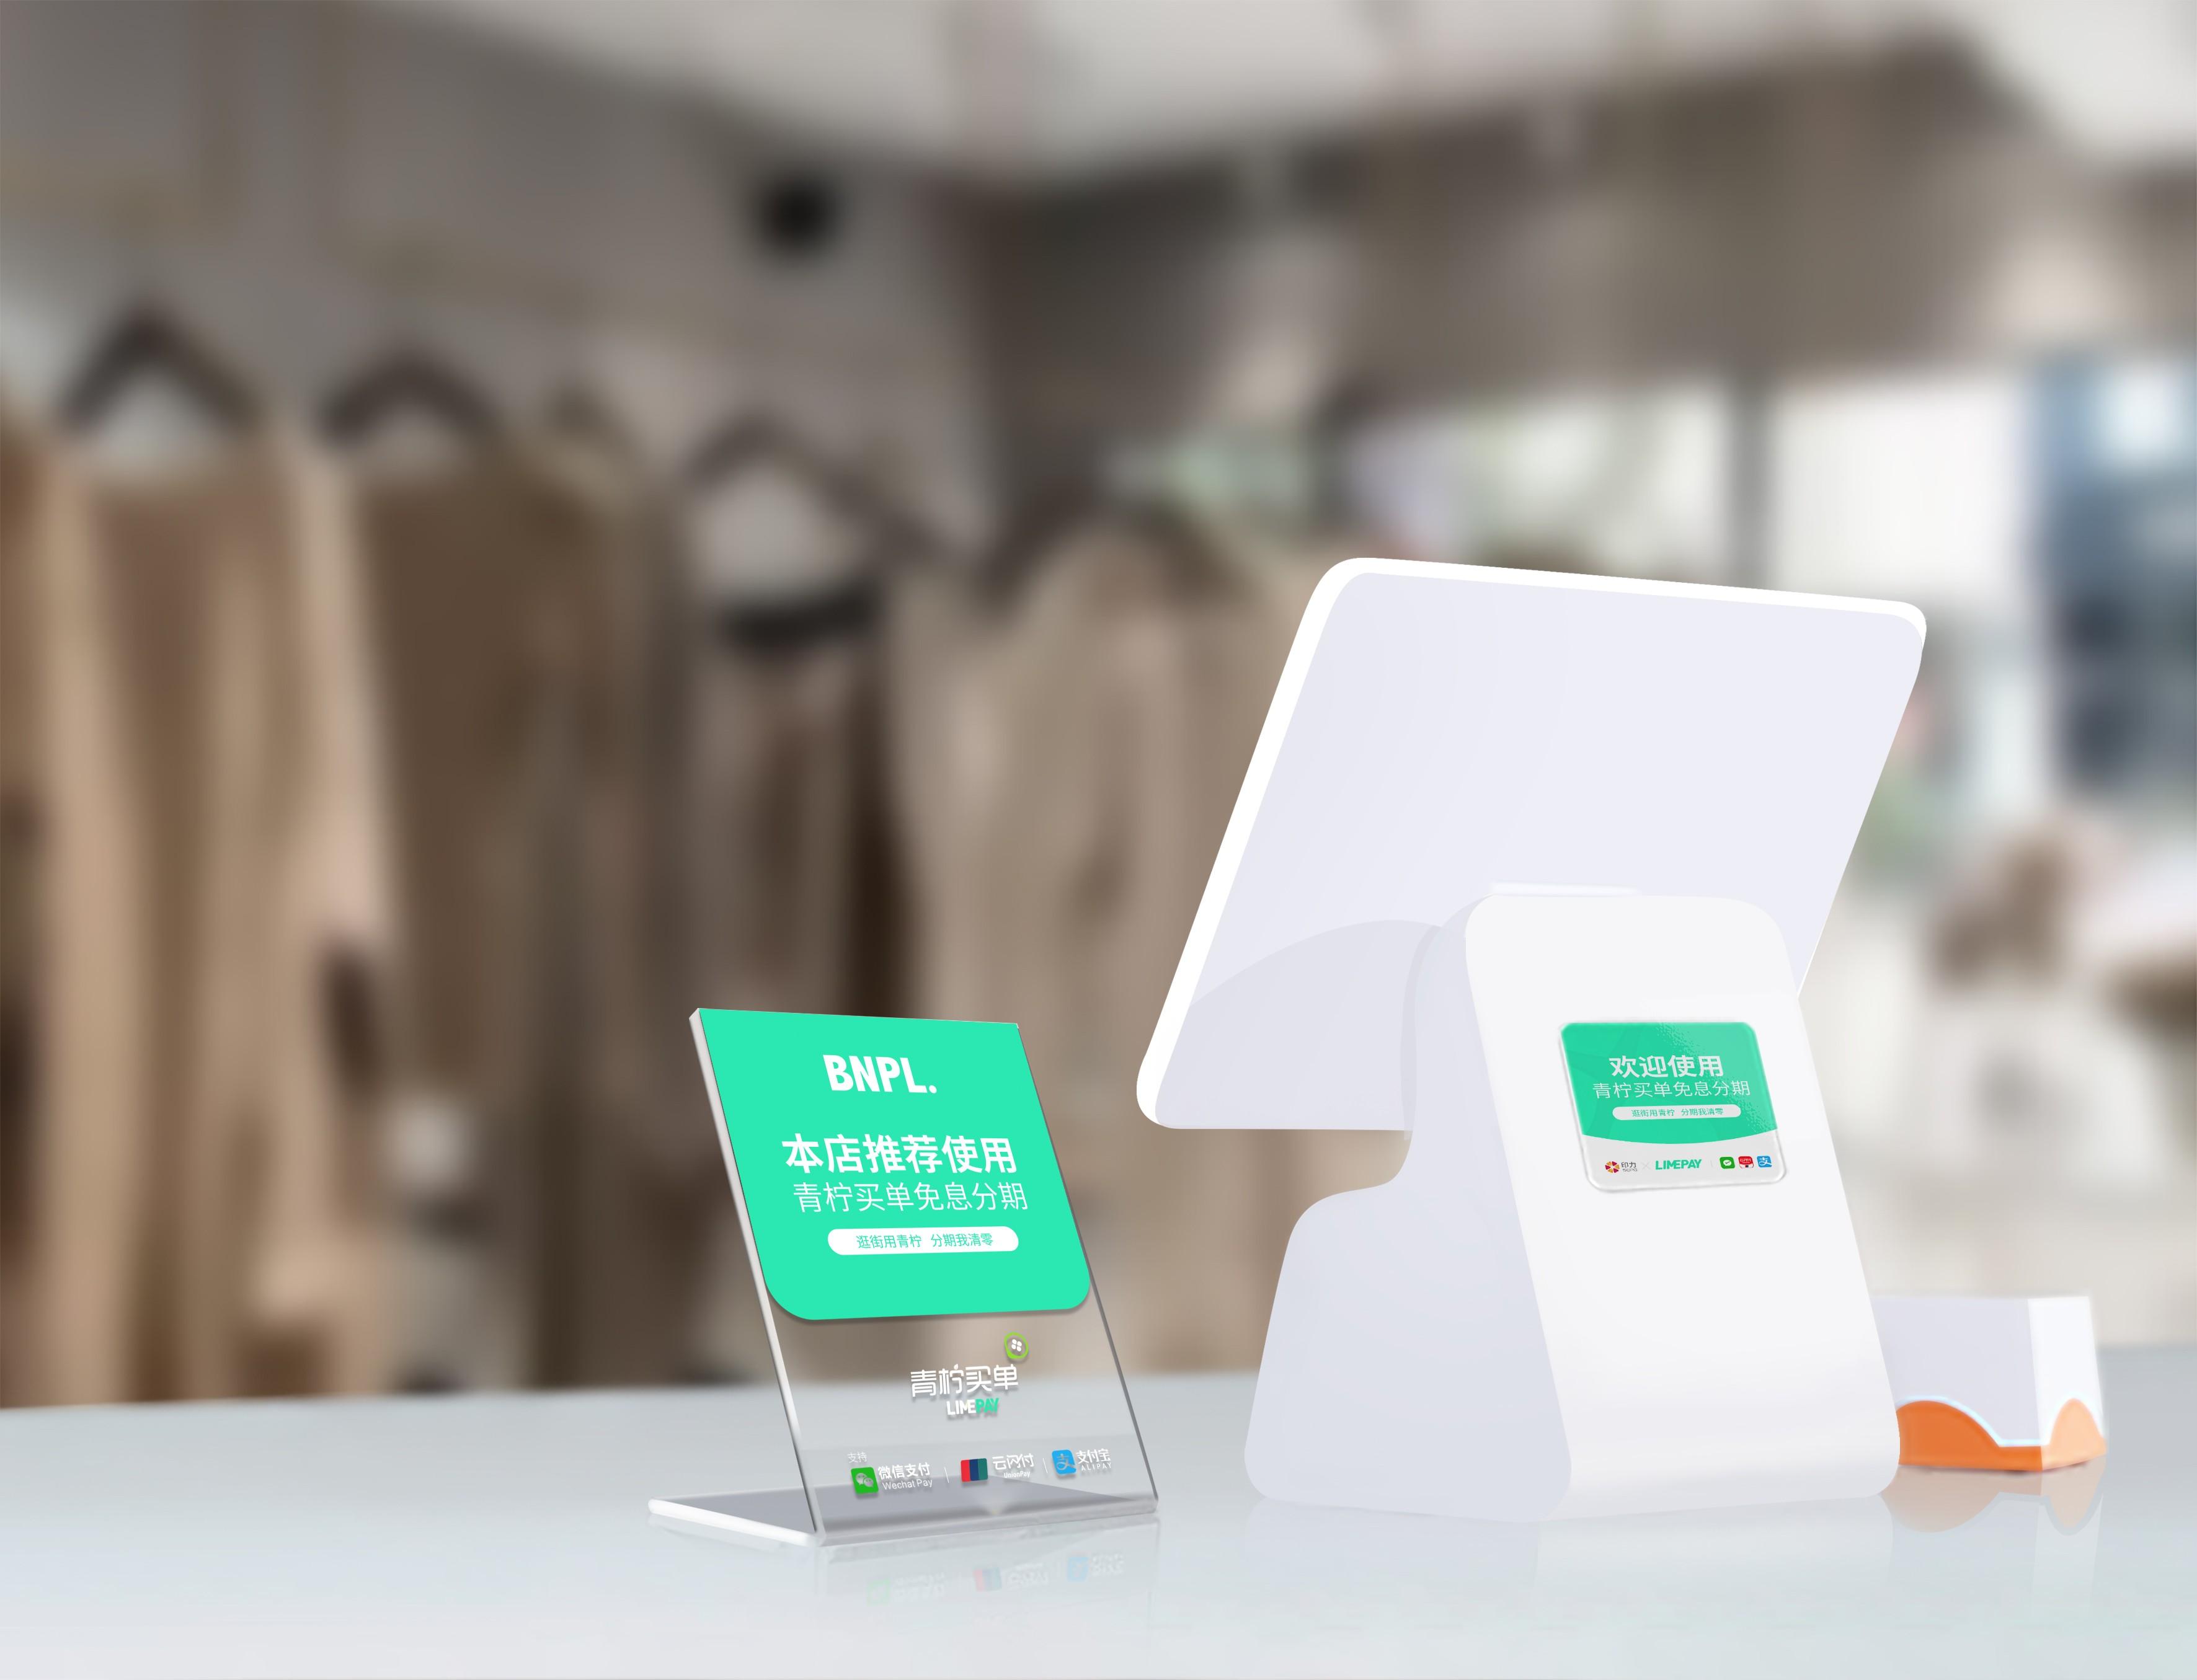 青柠买单联手成都印象城,以新模式赋能零售业数字化转型-产业互联网